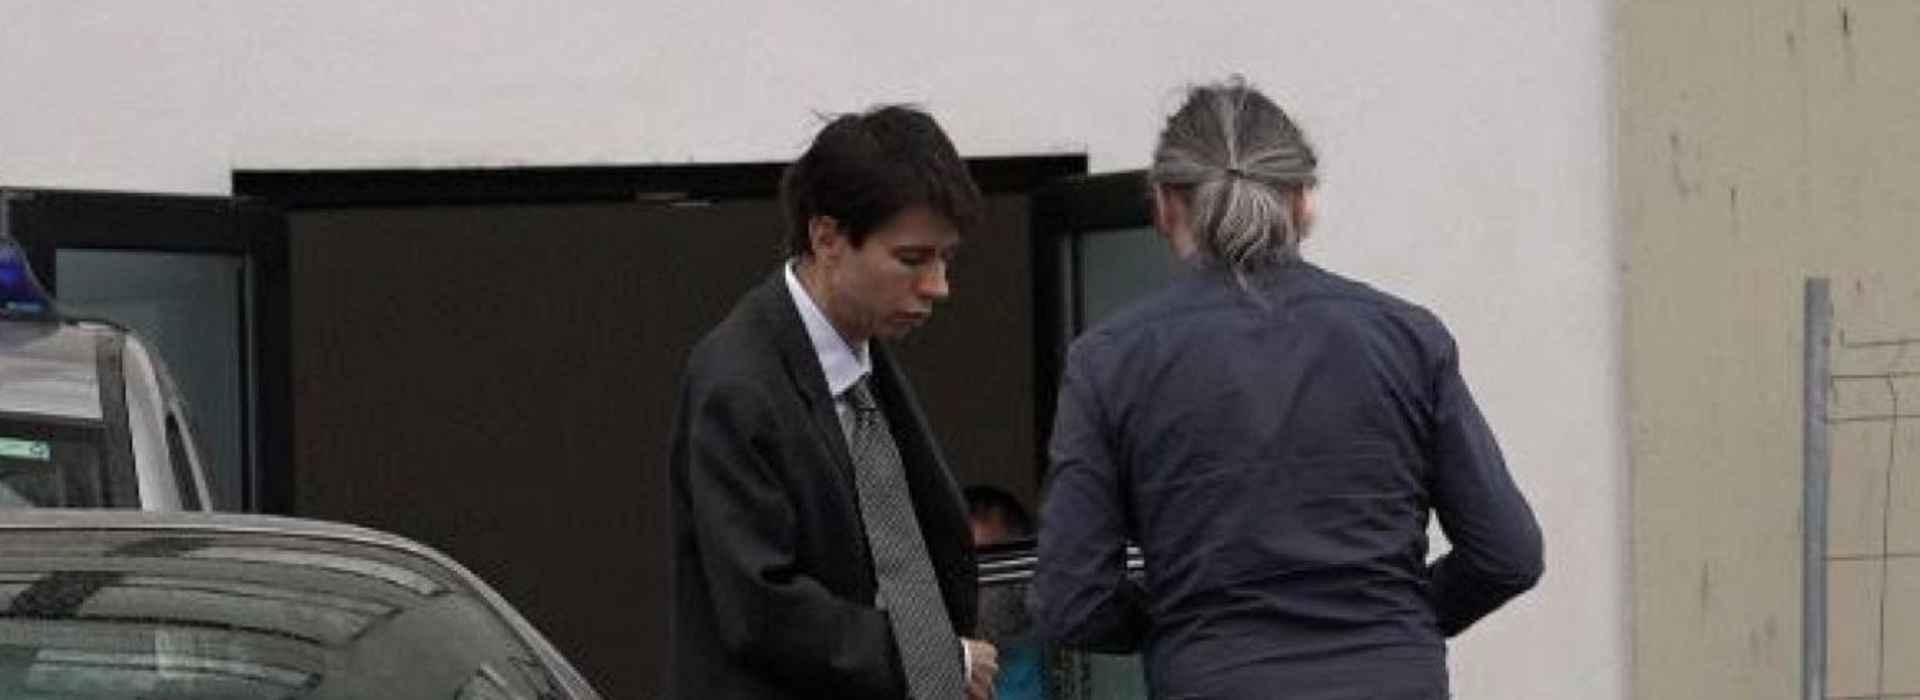 Imponeva tacchi e minigonne alle studentesse: il giudice Bellomo torna libero